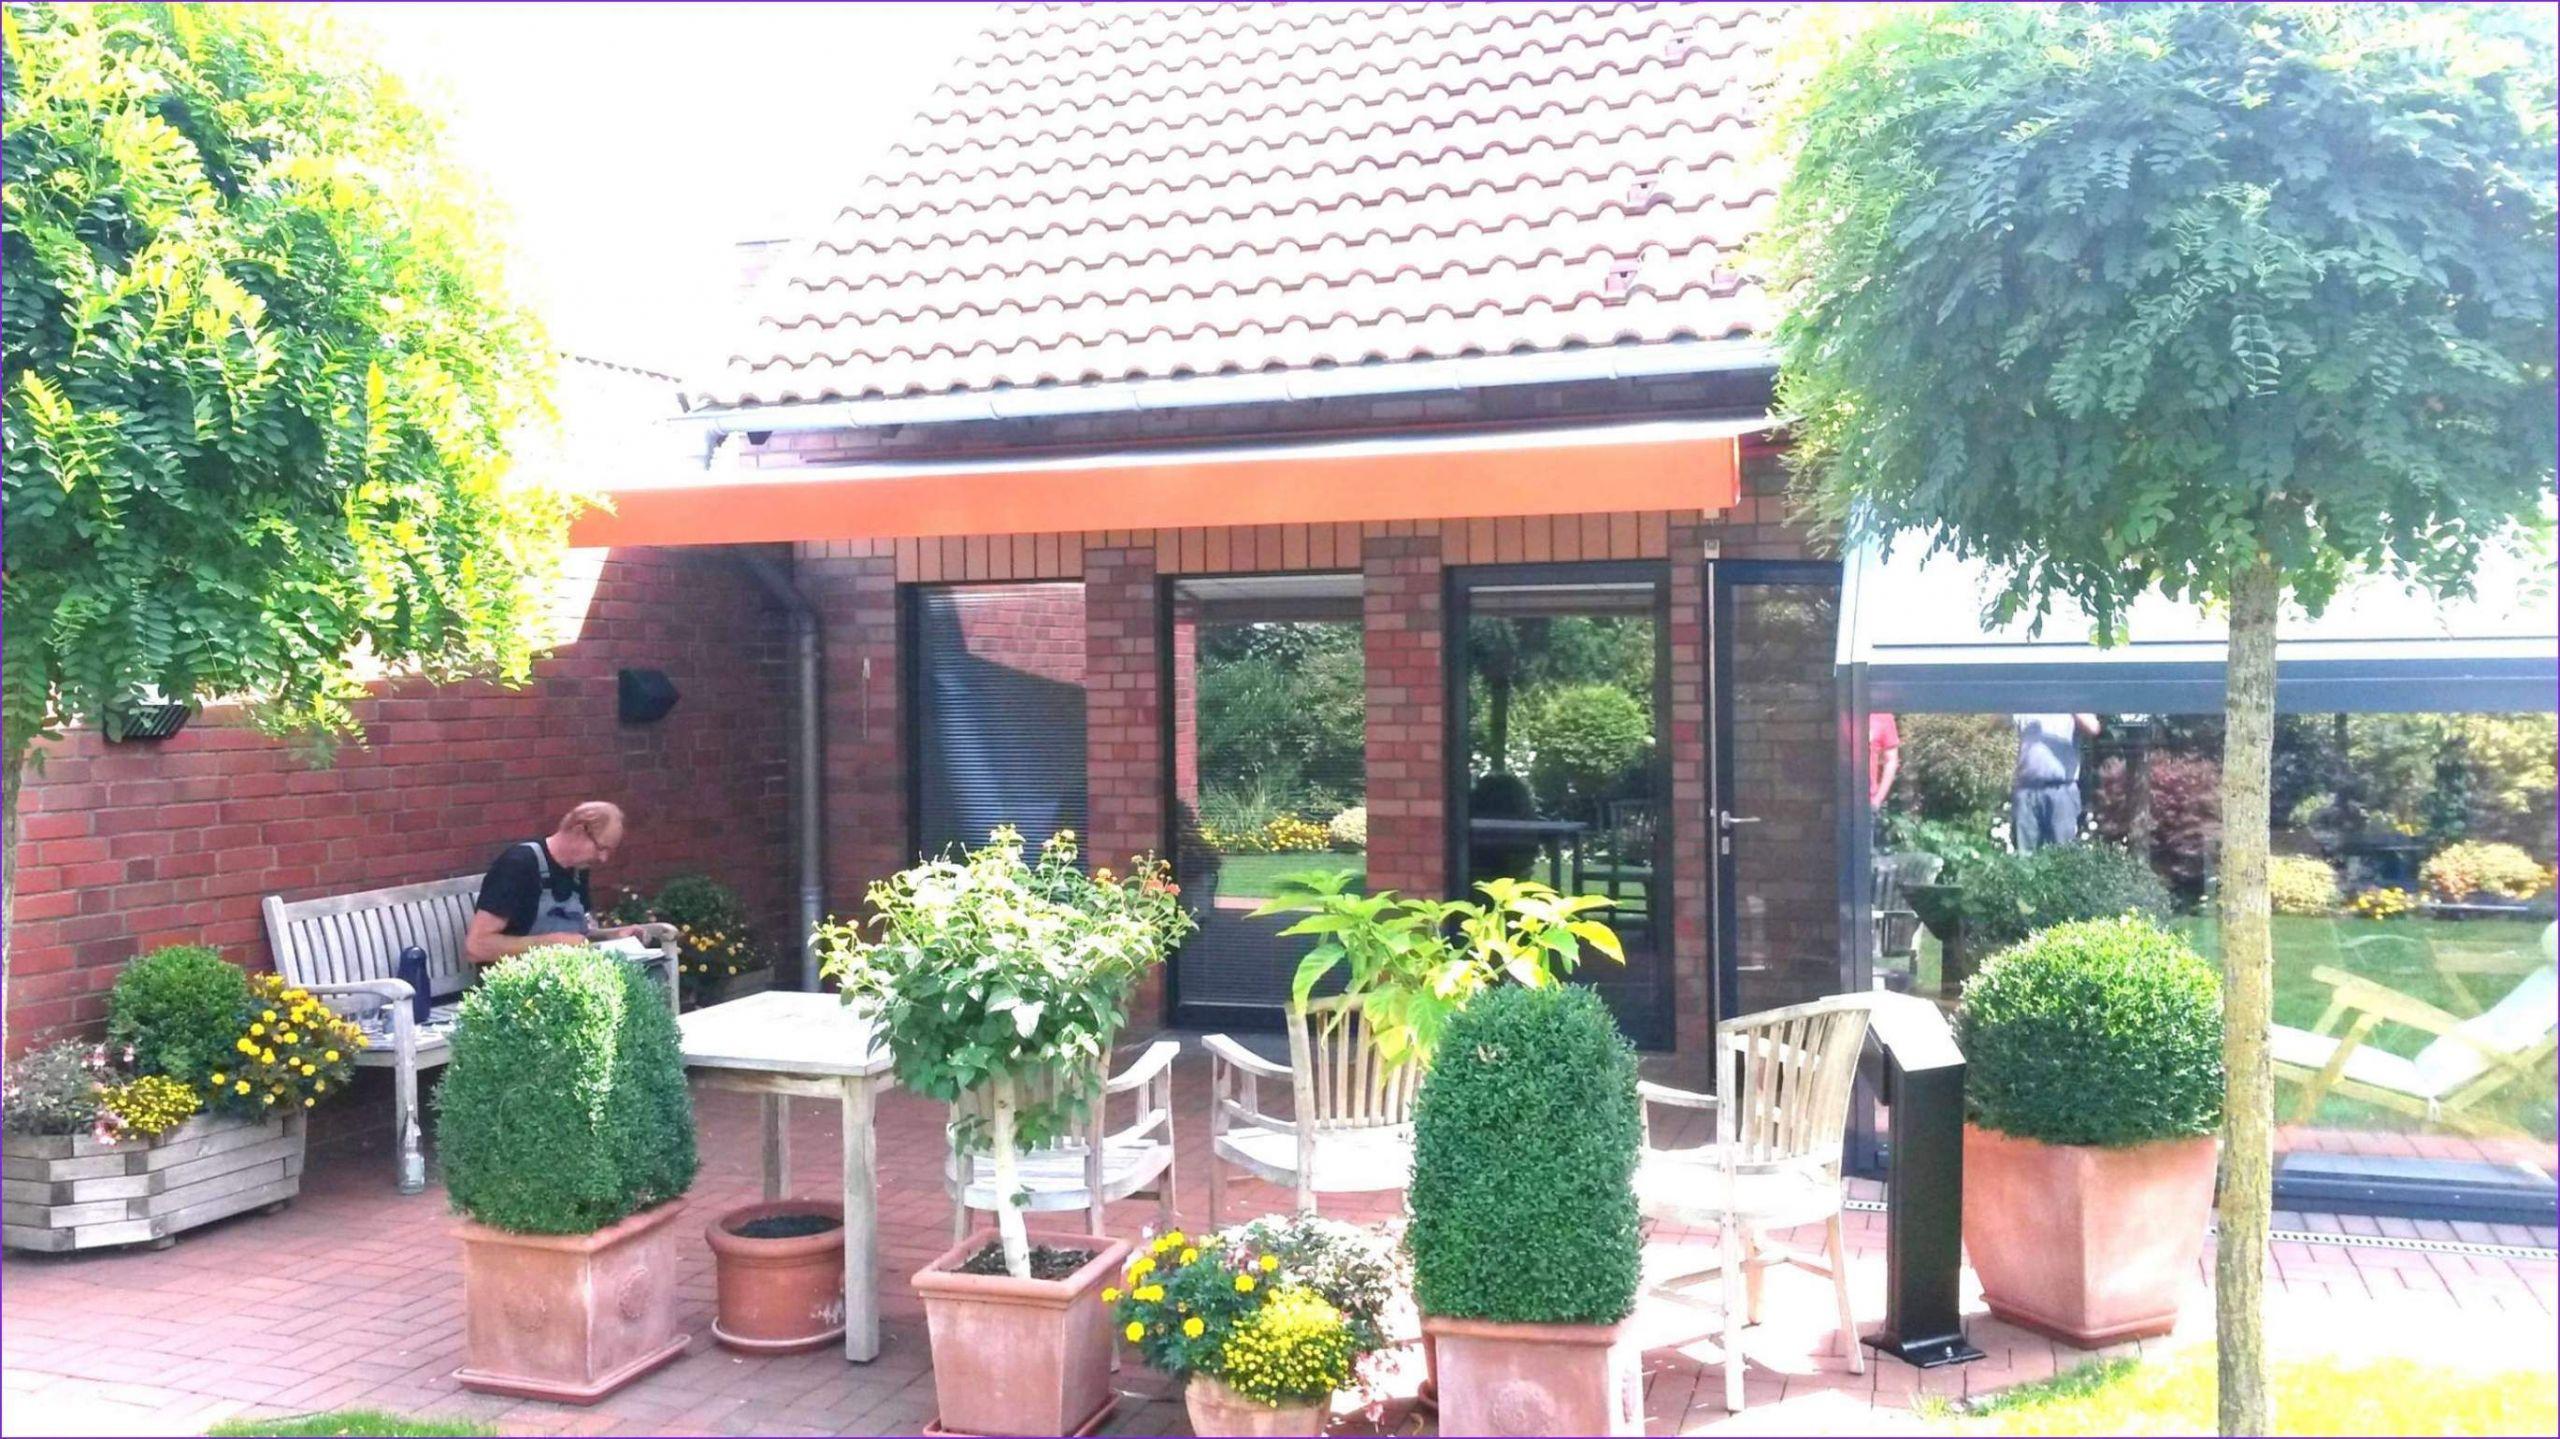 garten terrassen ideen luxus moderne terrassen ideen temobardz home blog of garten terrassen ideen scaled